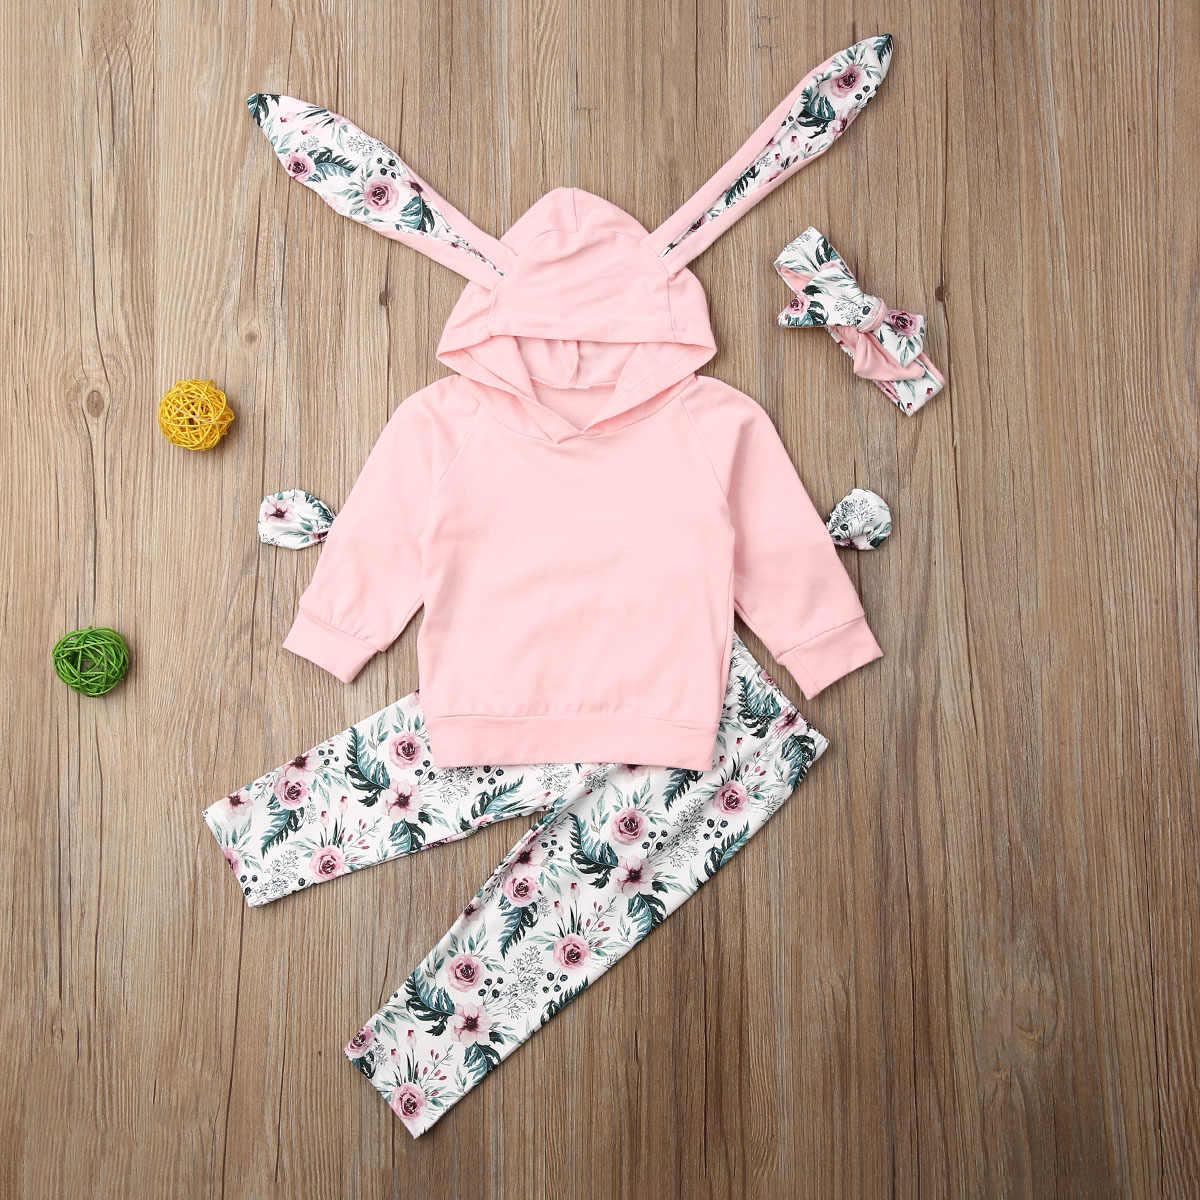 0-3T 3 uds niños pequeños bebé niña de manga larga pantalones superiores ropa trajes pantalones encantadores trajes de otoño ropa de conejo